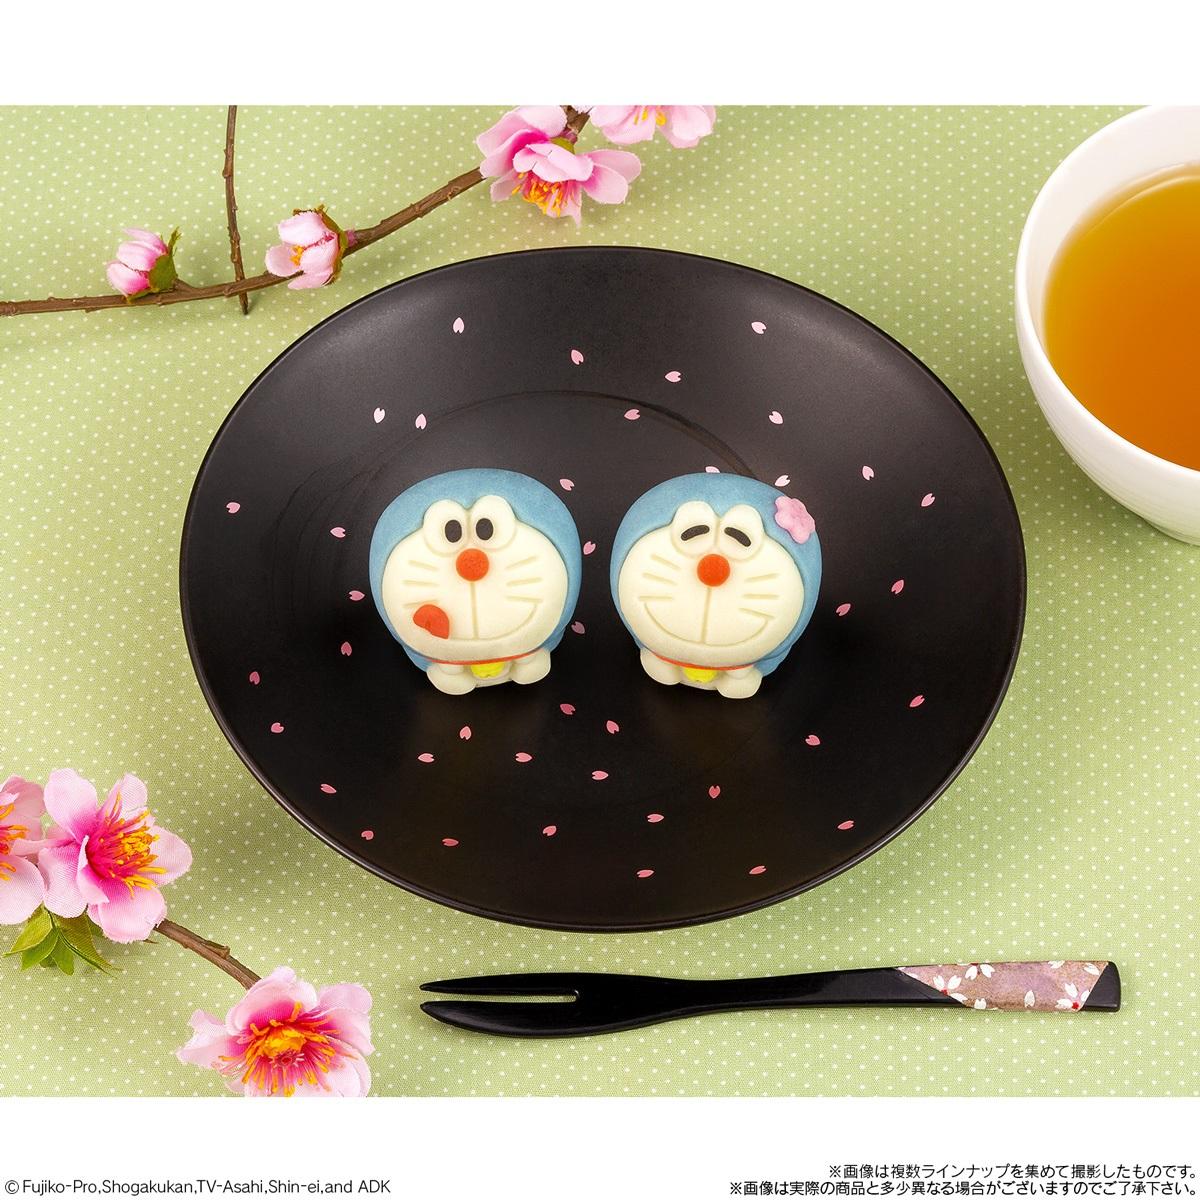 ドラえもん和菓子が発売 カスタード味とさくら味の全2種類